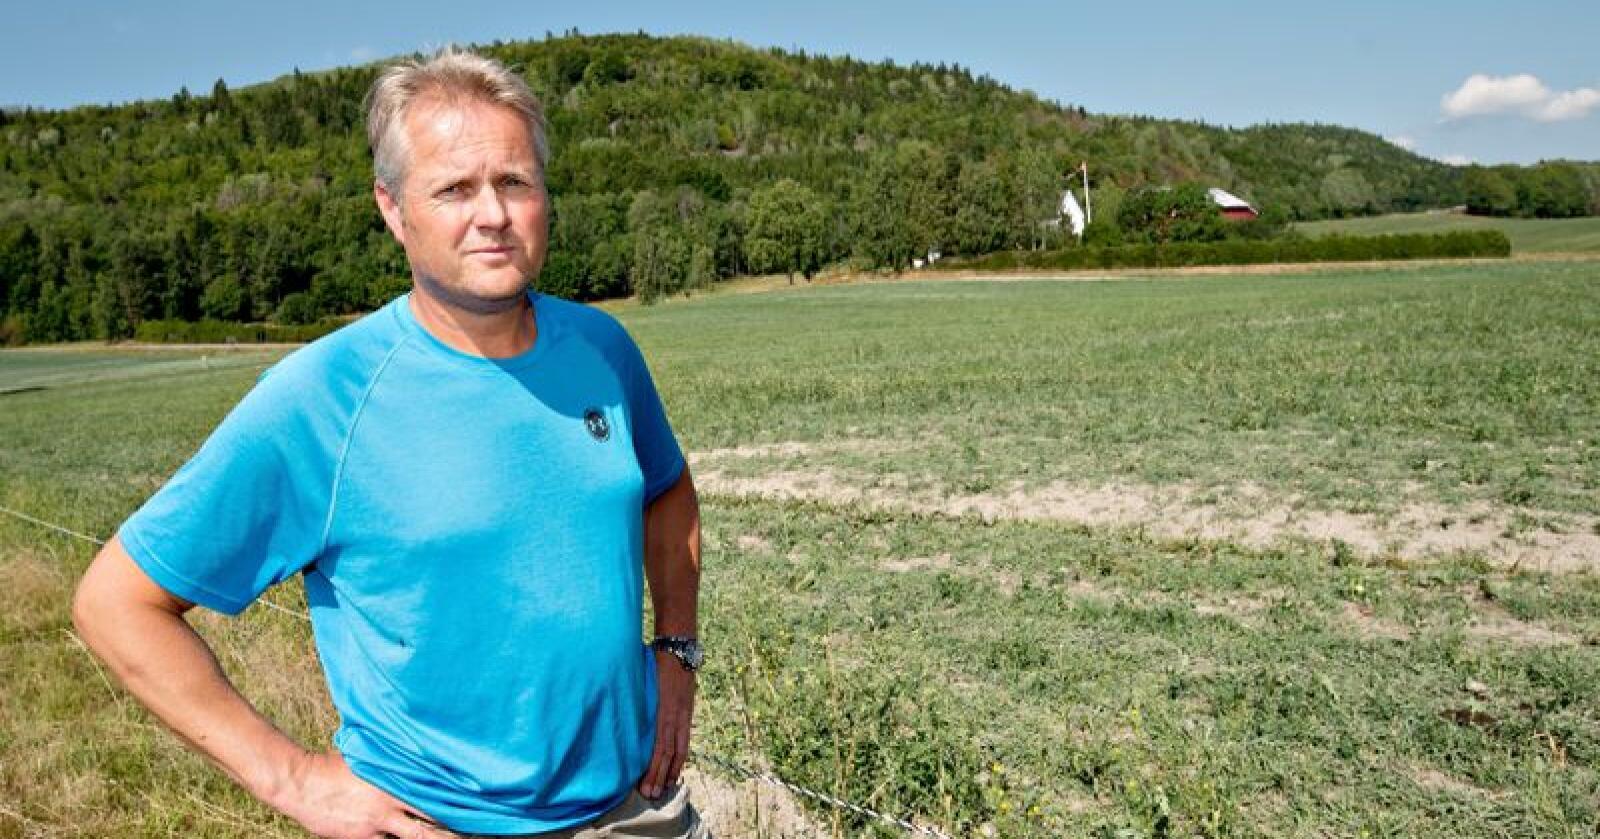 – Markedet trenger mer korn, og da må alle kornbruk med, sier leder av kornutvalget i Norges Bondelag, Hans Edvard Torp. Foto: Vidar Sandnes